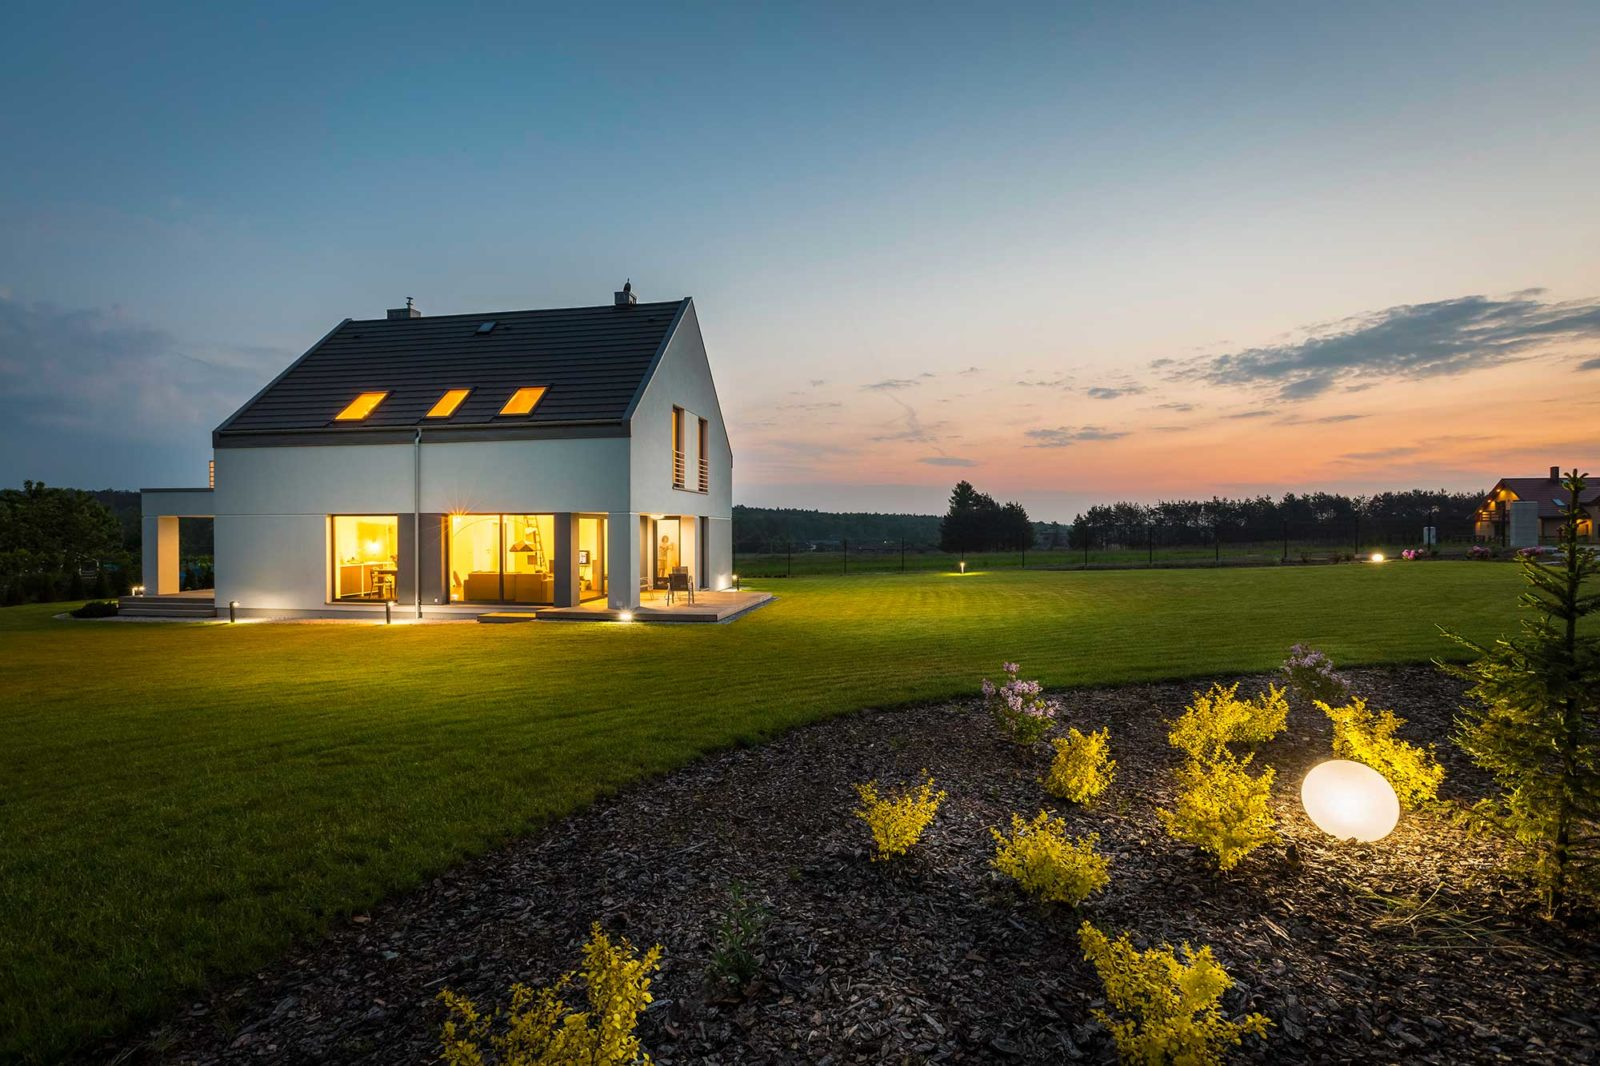 Modelli Di Case Da Costruire costruire casa a treviso | modelli di edifici nzeb | edilvi